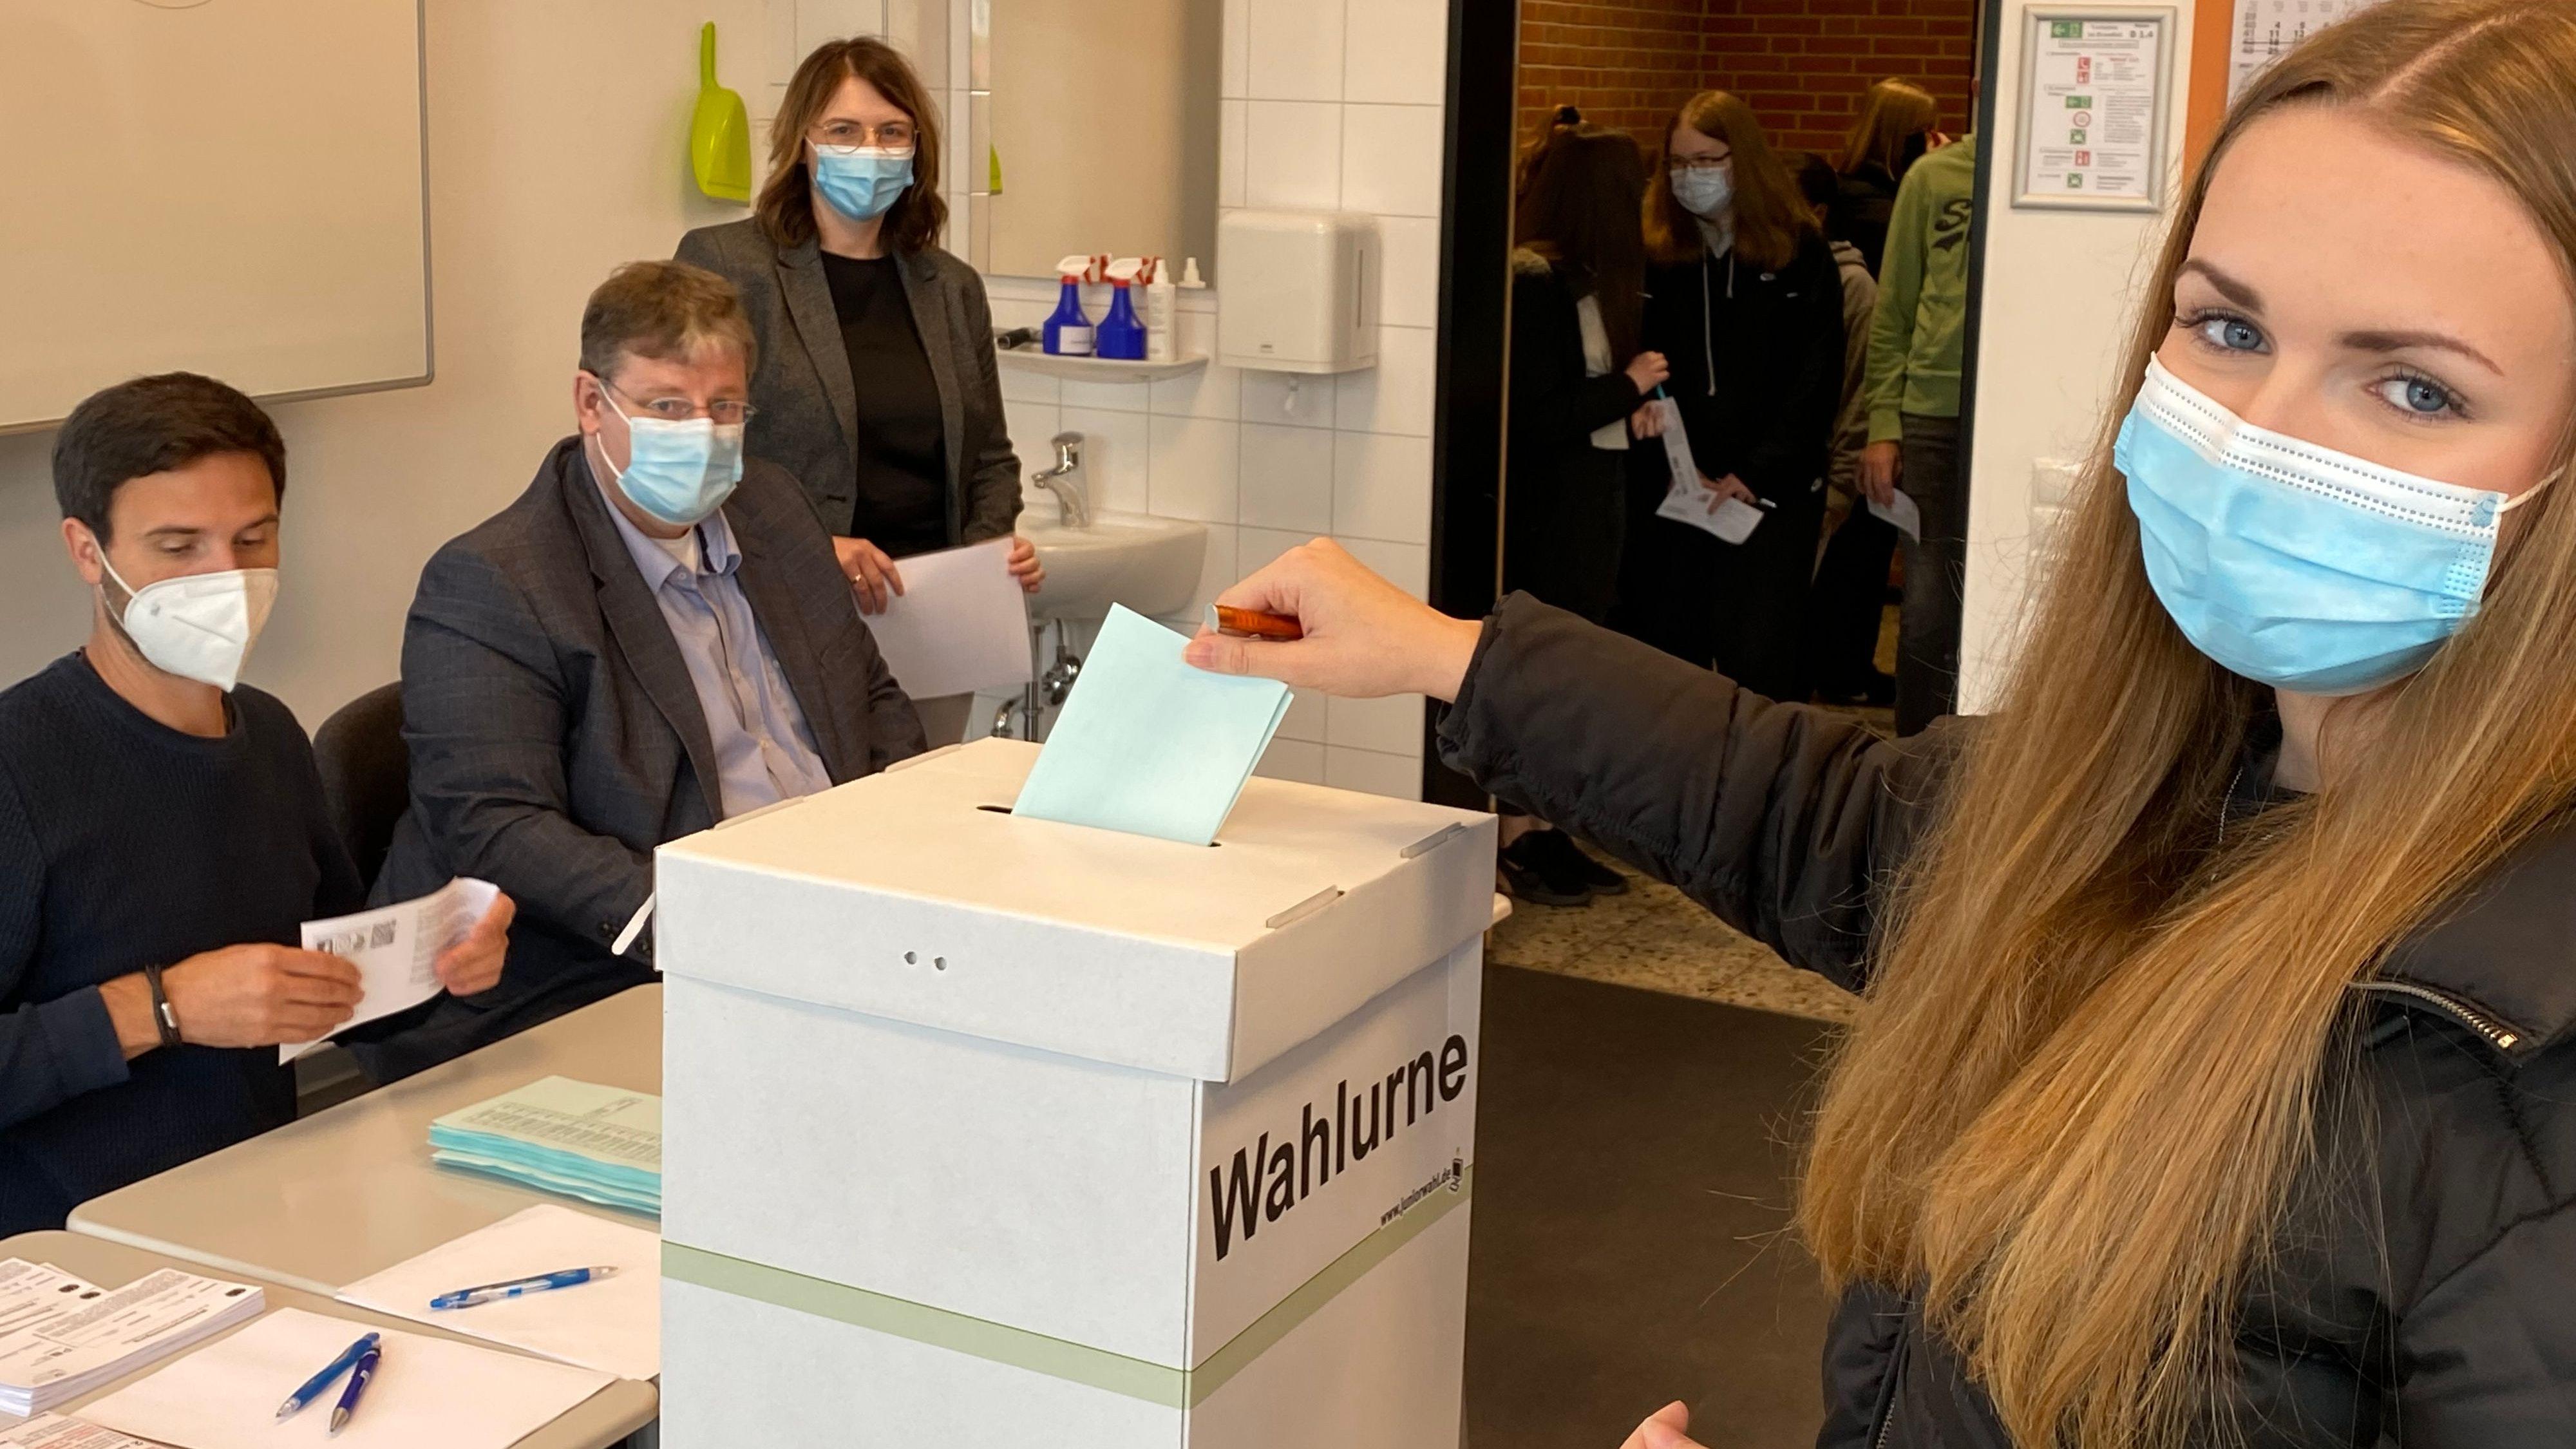 Stimme abgegeben: Insgesamt rund 600 BBS-Schüler waren aufgefordert, unter realen Bedingungen zu wählen. Begleitet wurde das Projekt von Christoph Brand, Ludger Burwinkel und Maike Tepe-Dultmeyer (von links). Foto: Wimberg